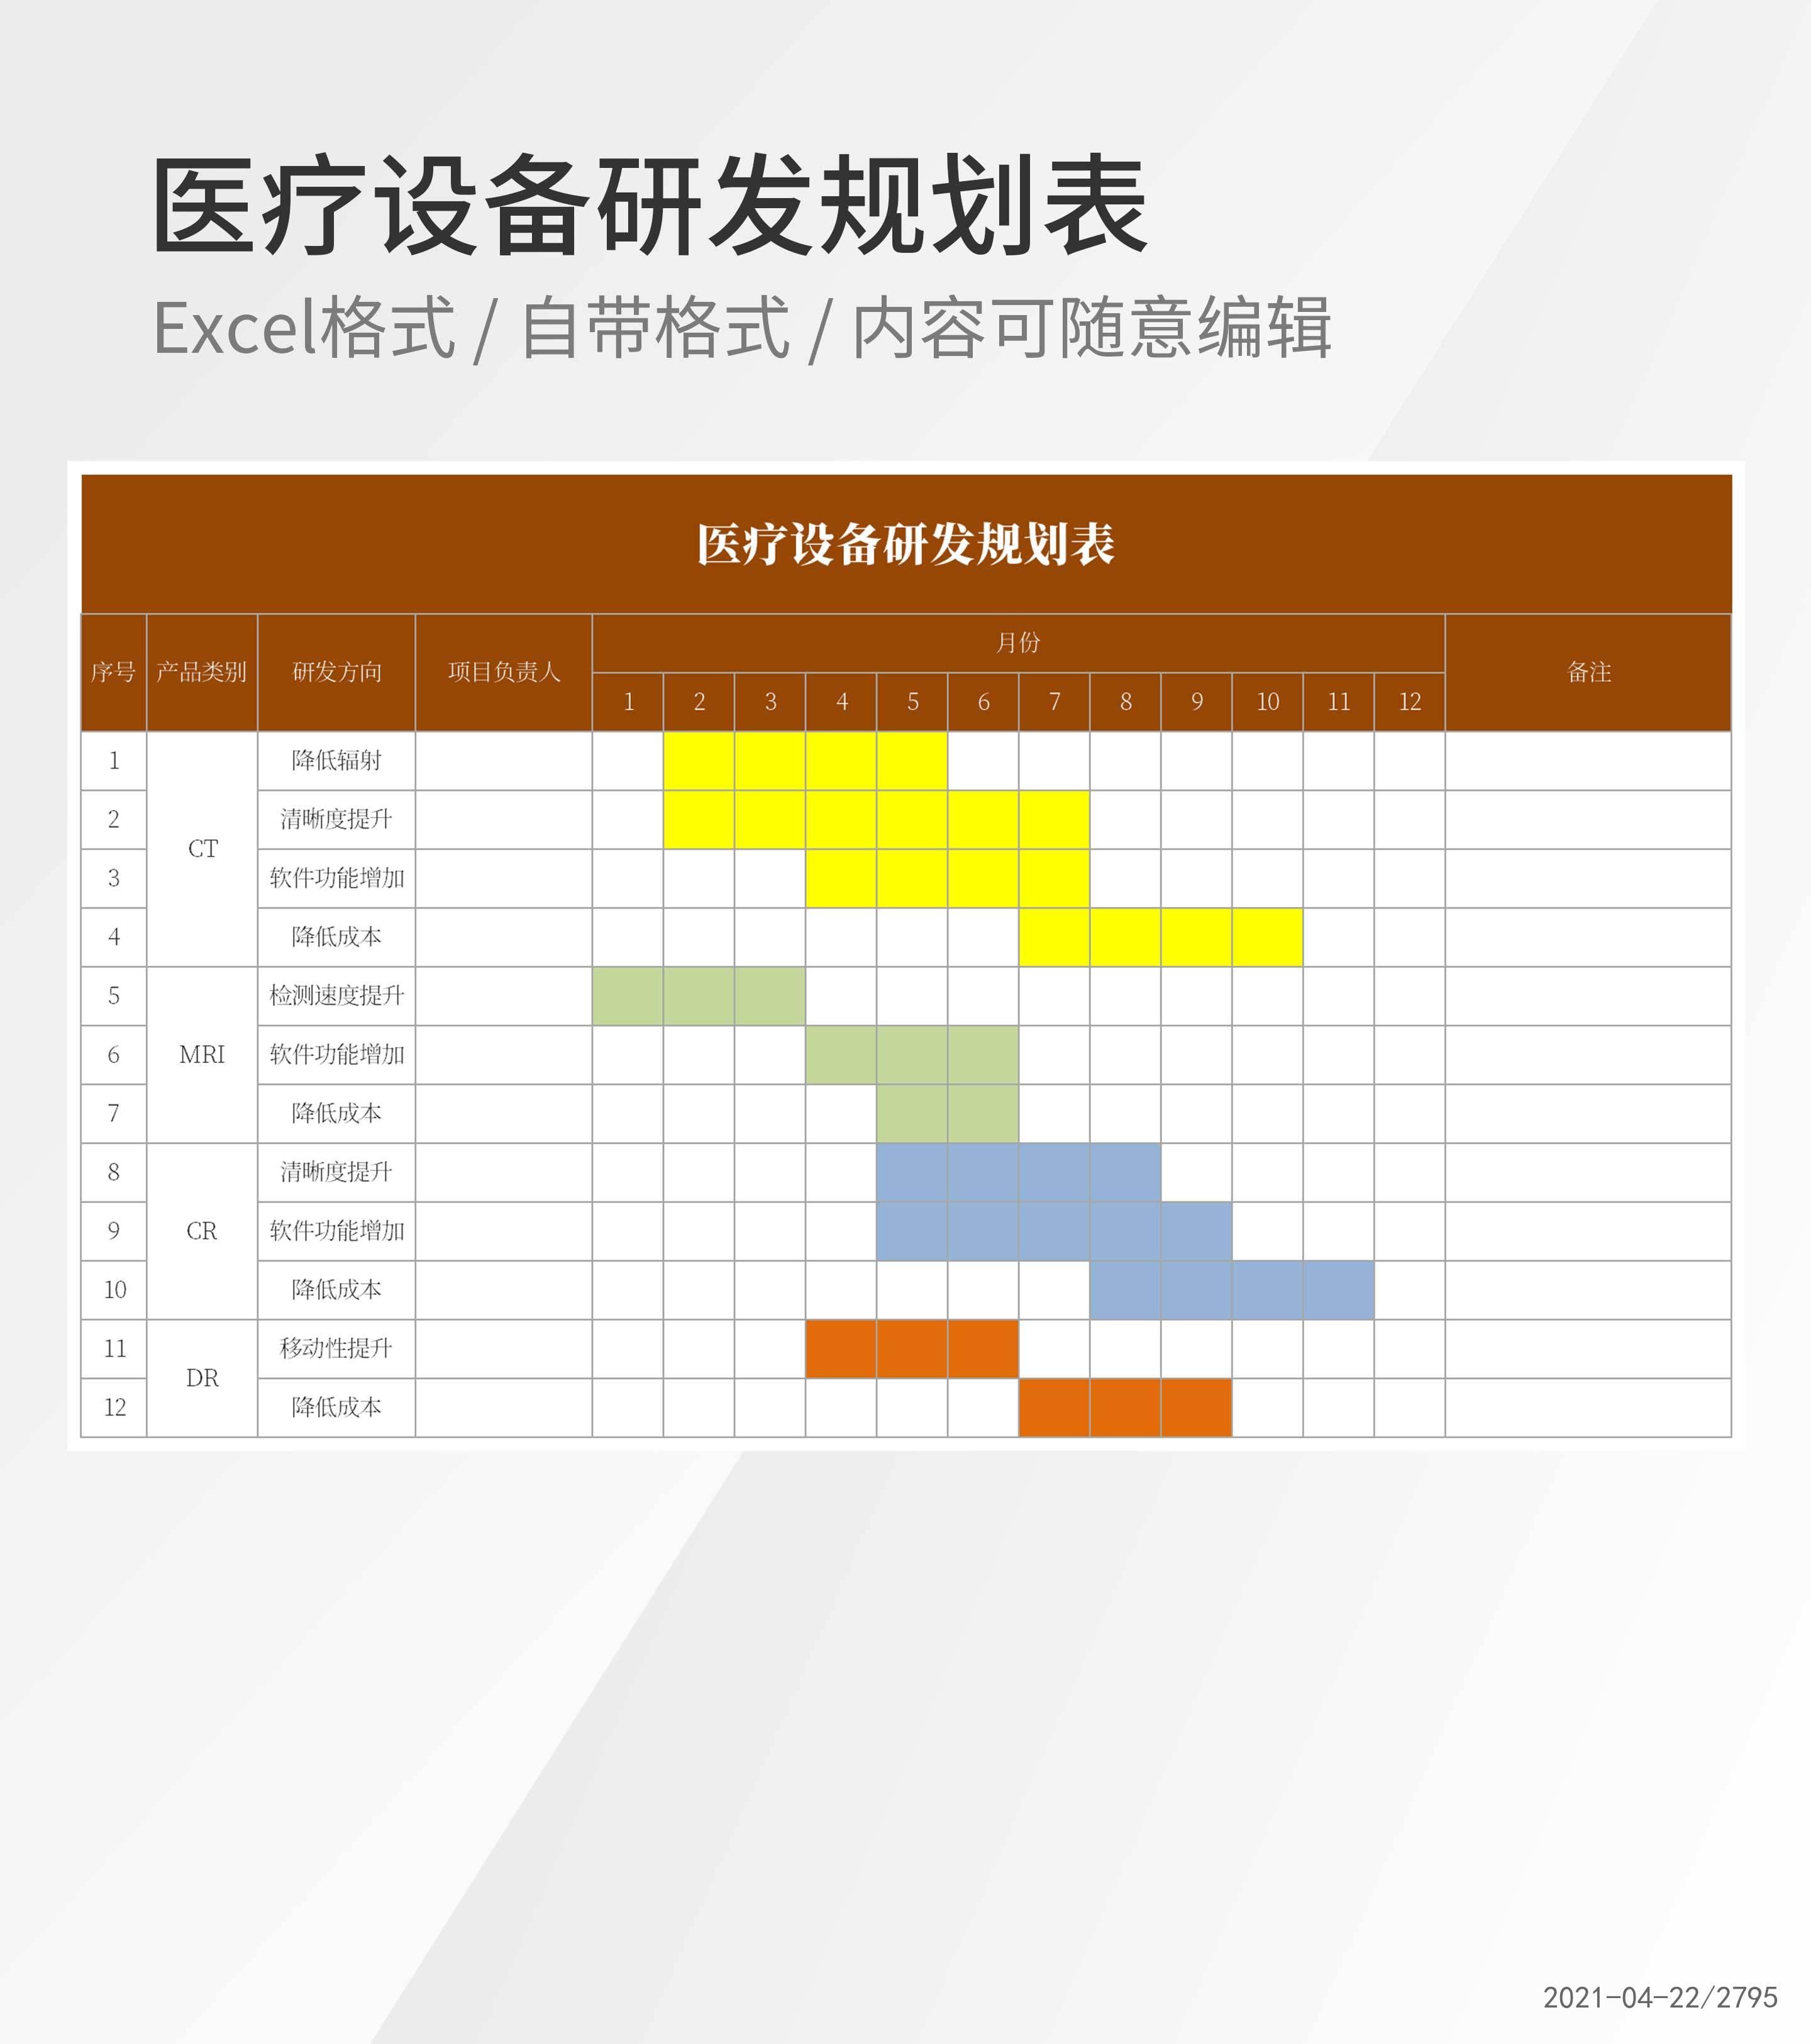 医疗设备研发规划表